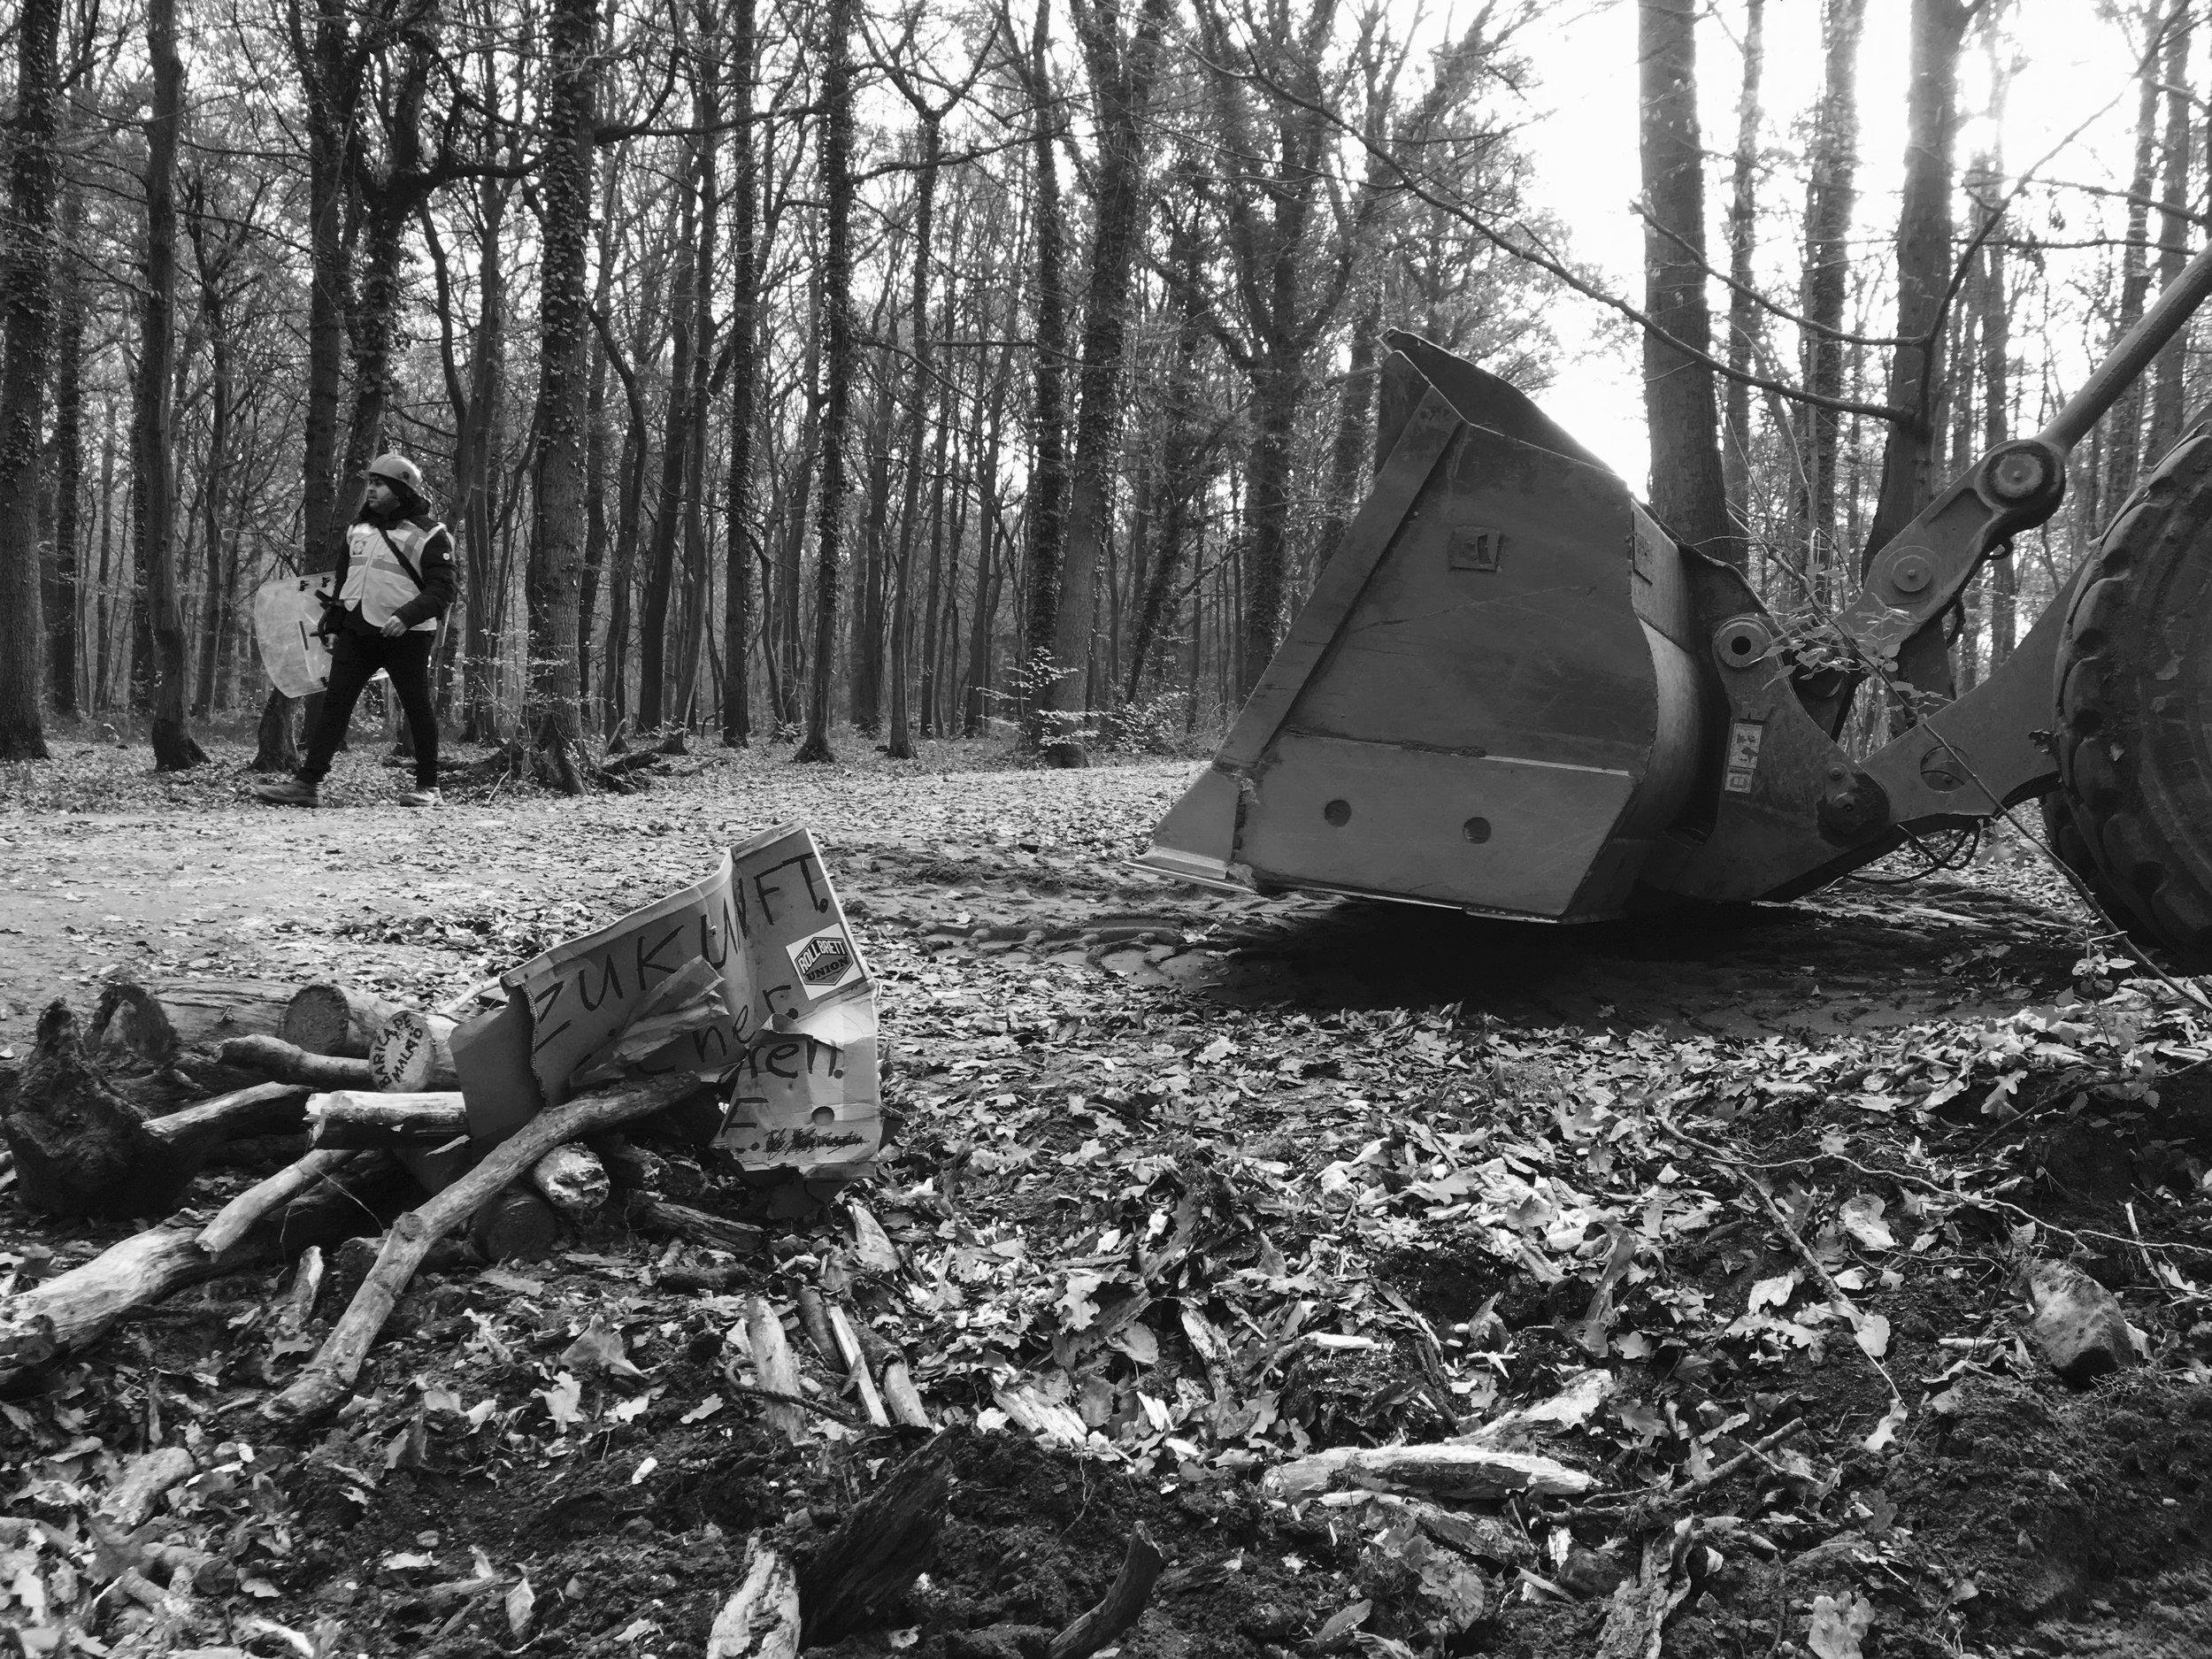 Déboisement des structures du sol dans la forêt de Hambach par les ouvriers de RWE le 22 novembre. Les actions périodiques de la police se sont poursuivies dans la forêt alors que l'occupation se poursuivait après les manifestations d'octobre. Un mémorial pour Steffen Meyn a été détruit ce jour-là.